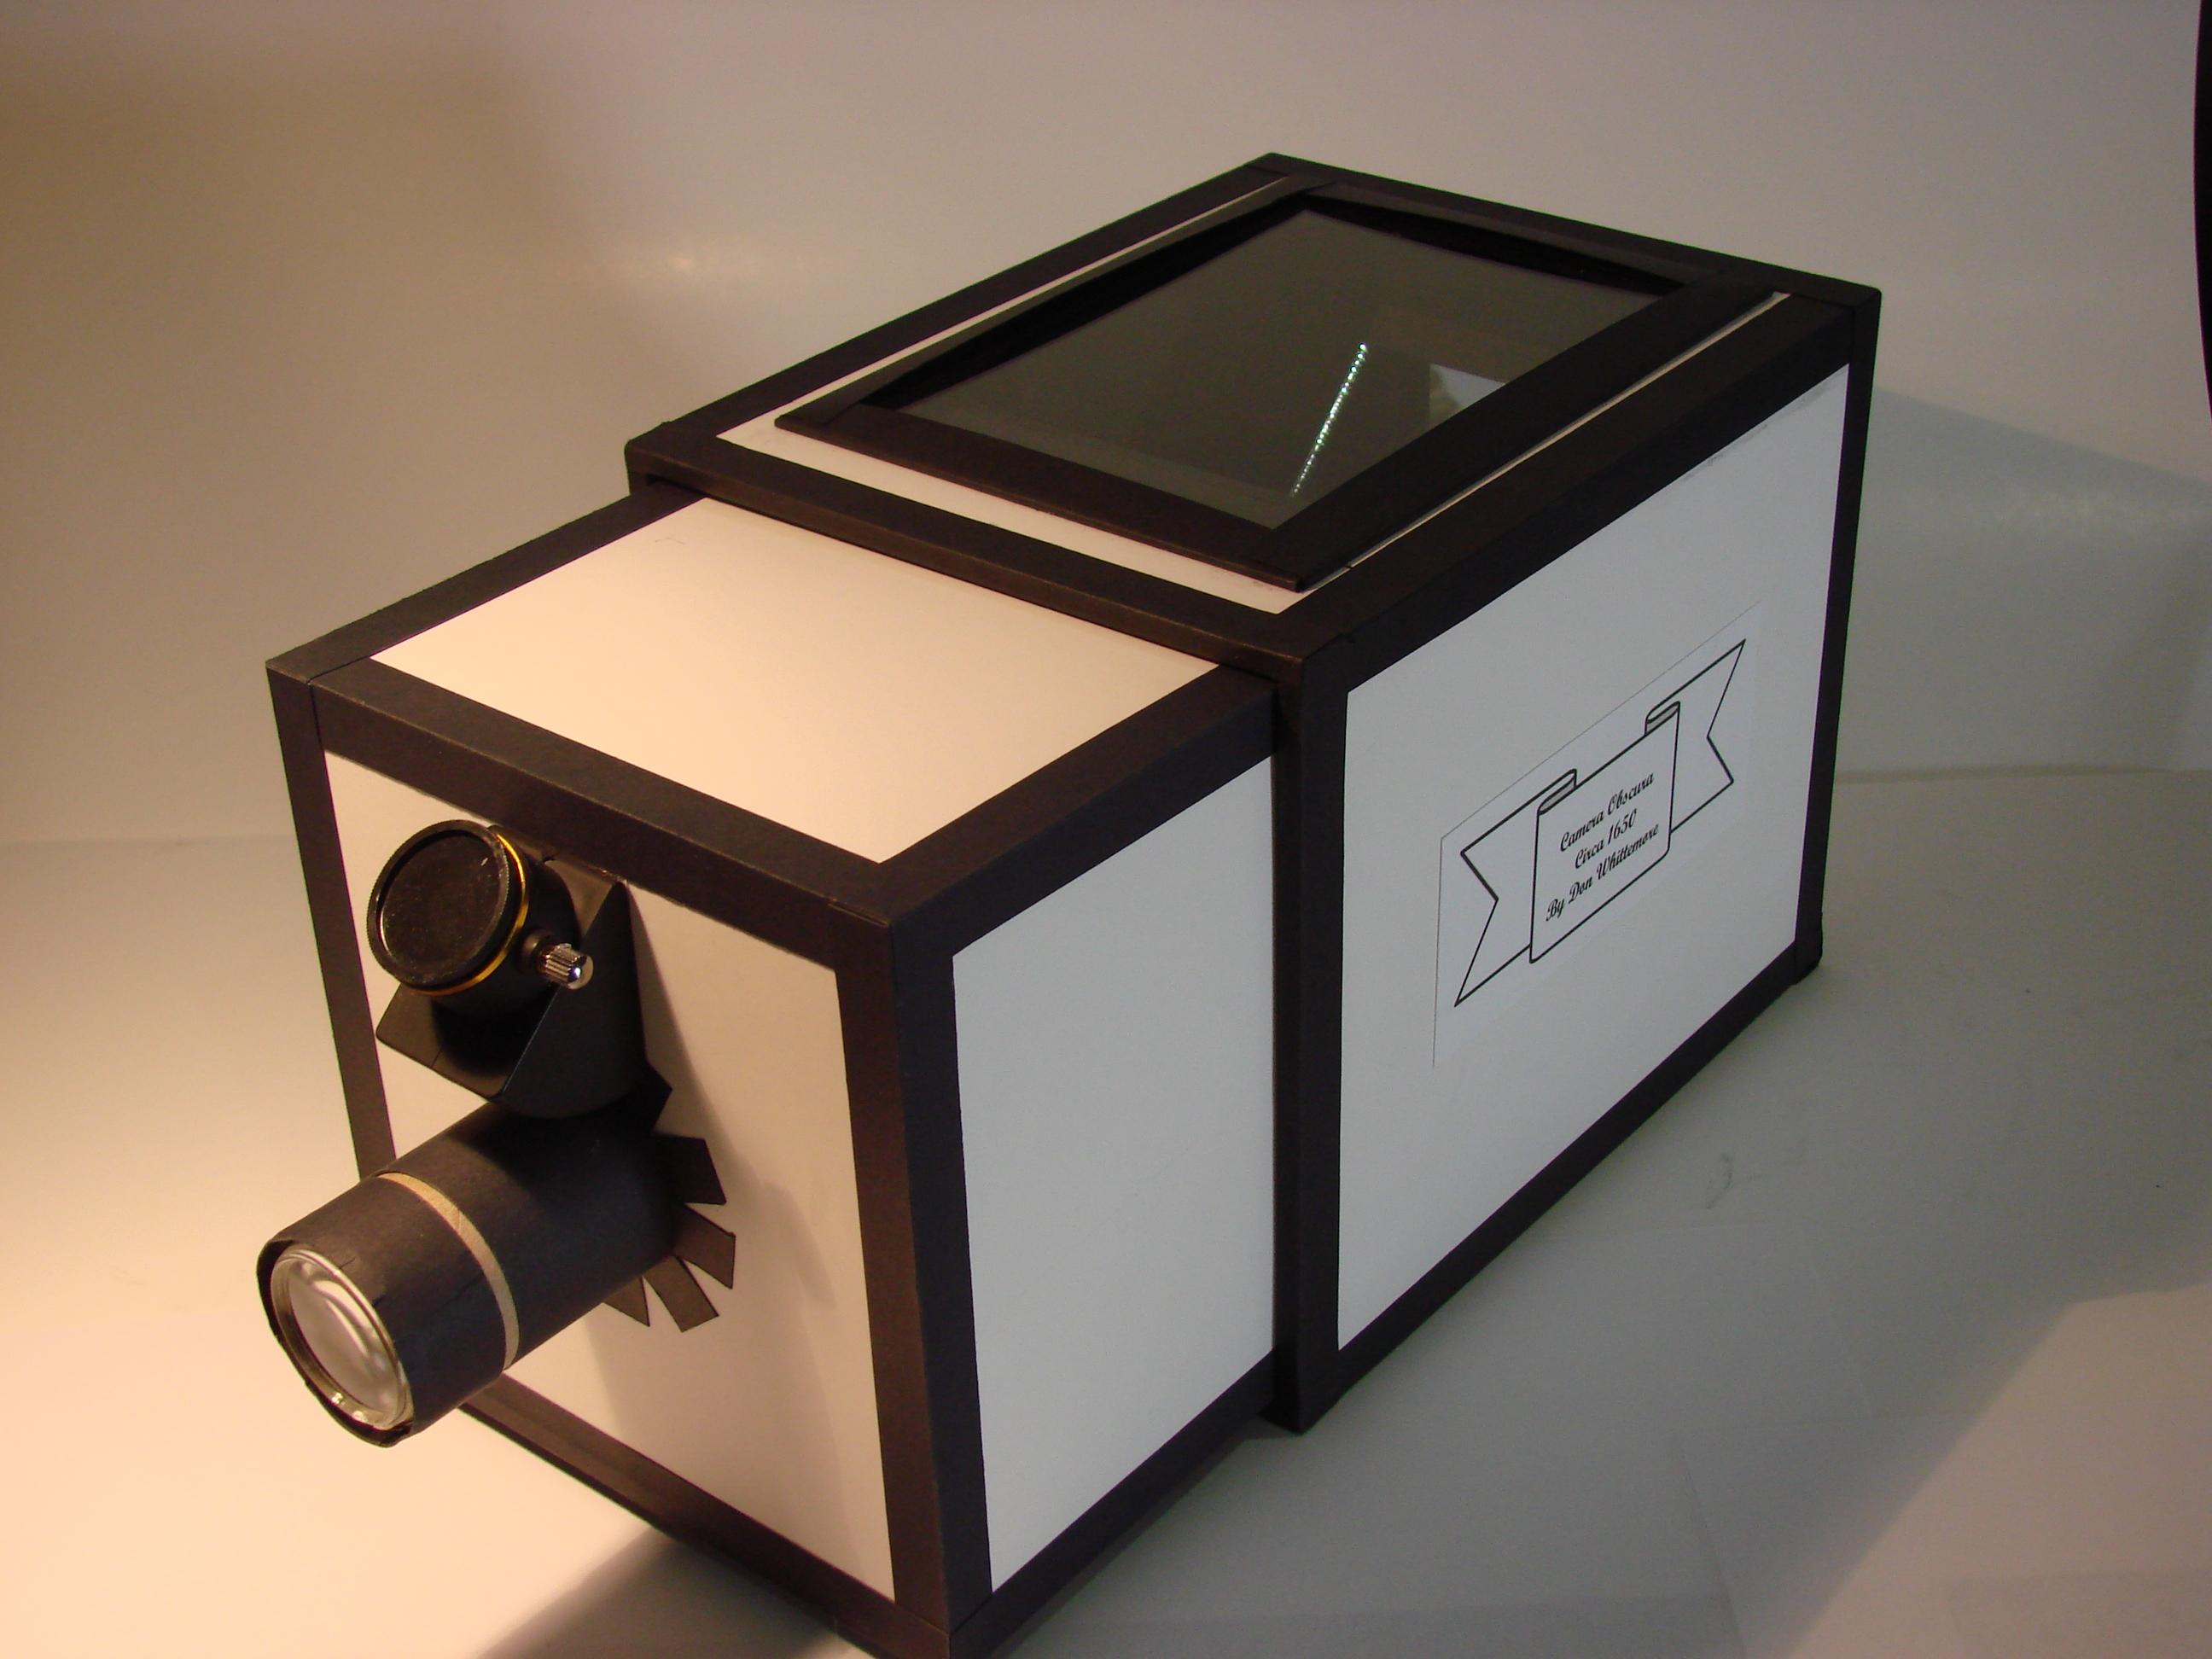 Камера-обскура - это что такое? :: syl.ru